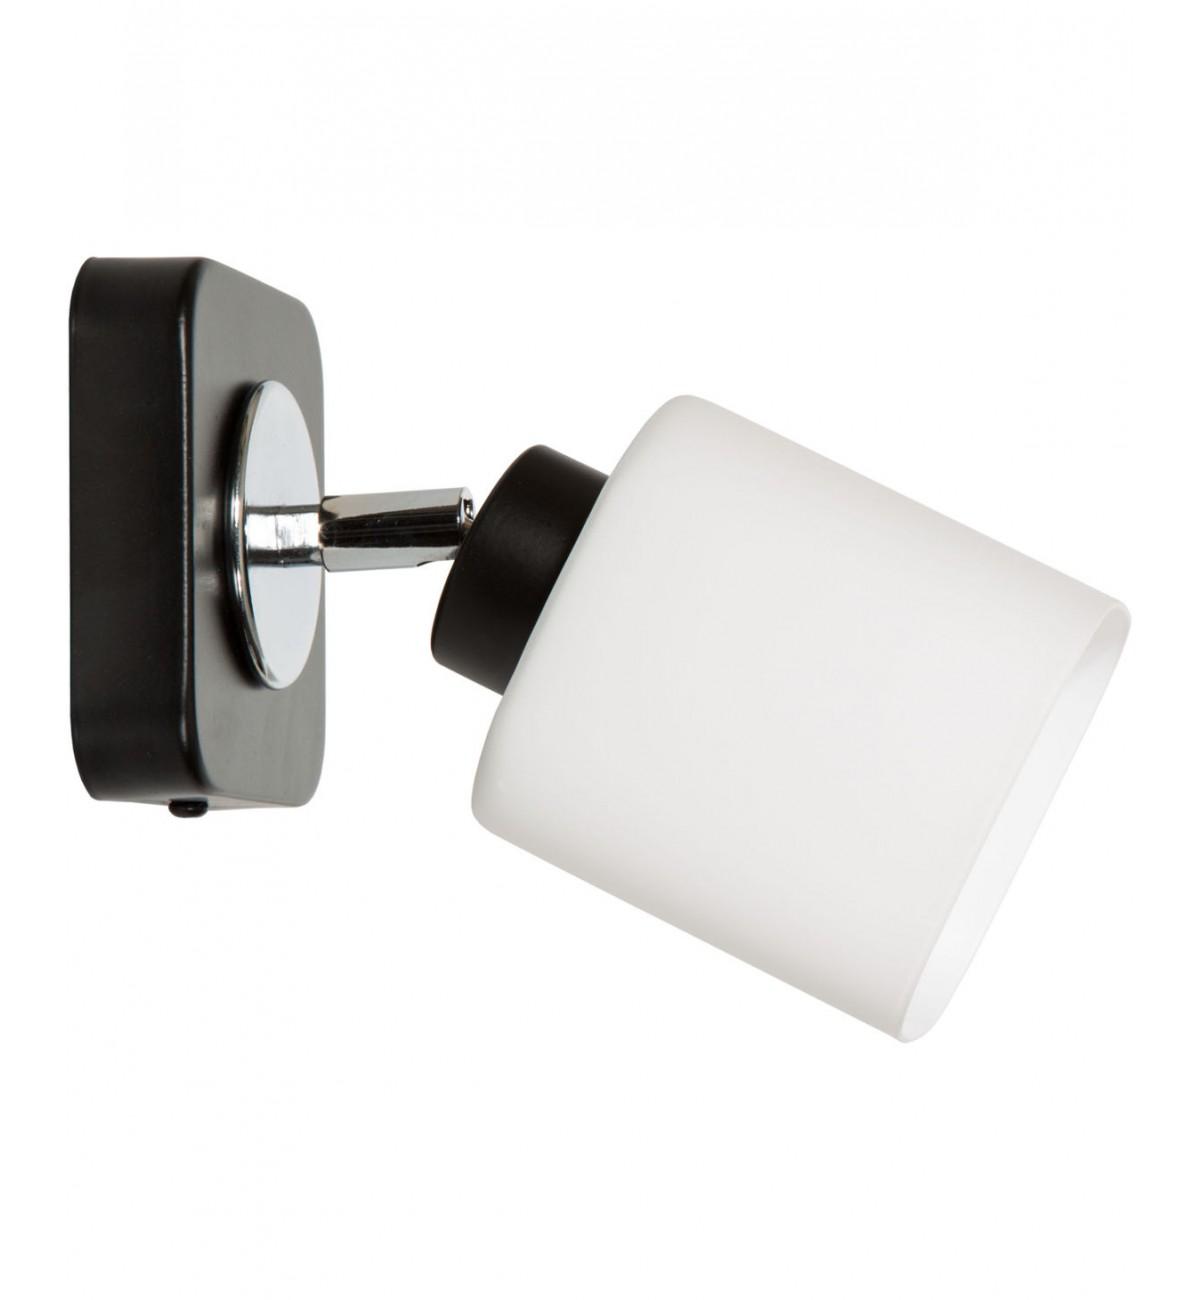 kinkiet seria 012 lampa wiszaca sufitowa nowoczesna czarny bialy Kinkiety do kuchni